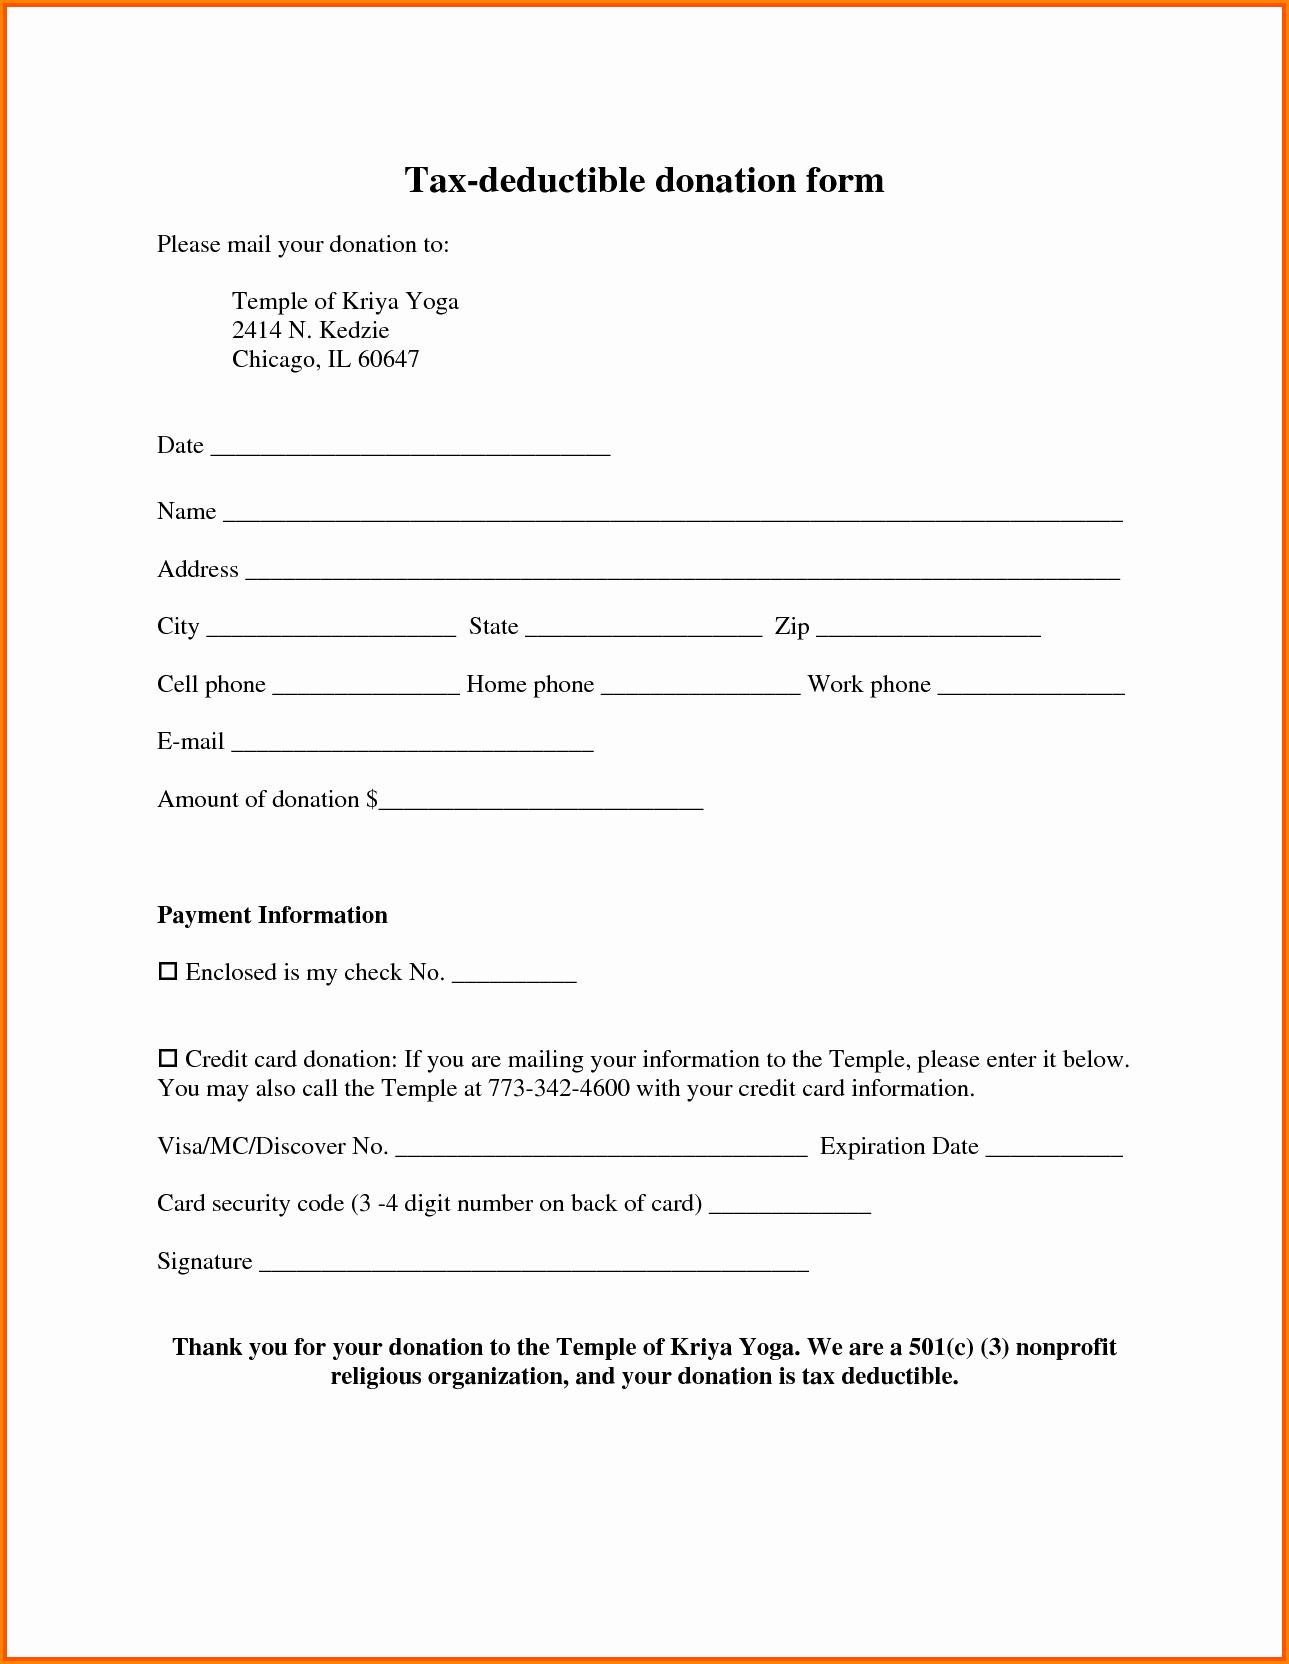 Church Donation Receipt Template Fresh 8 Tax Deductible Donation Receipt Template